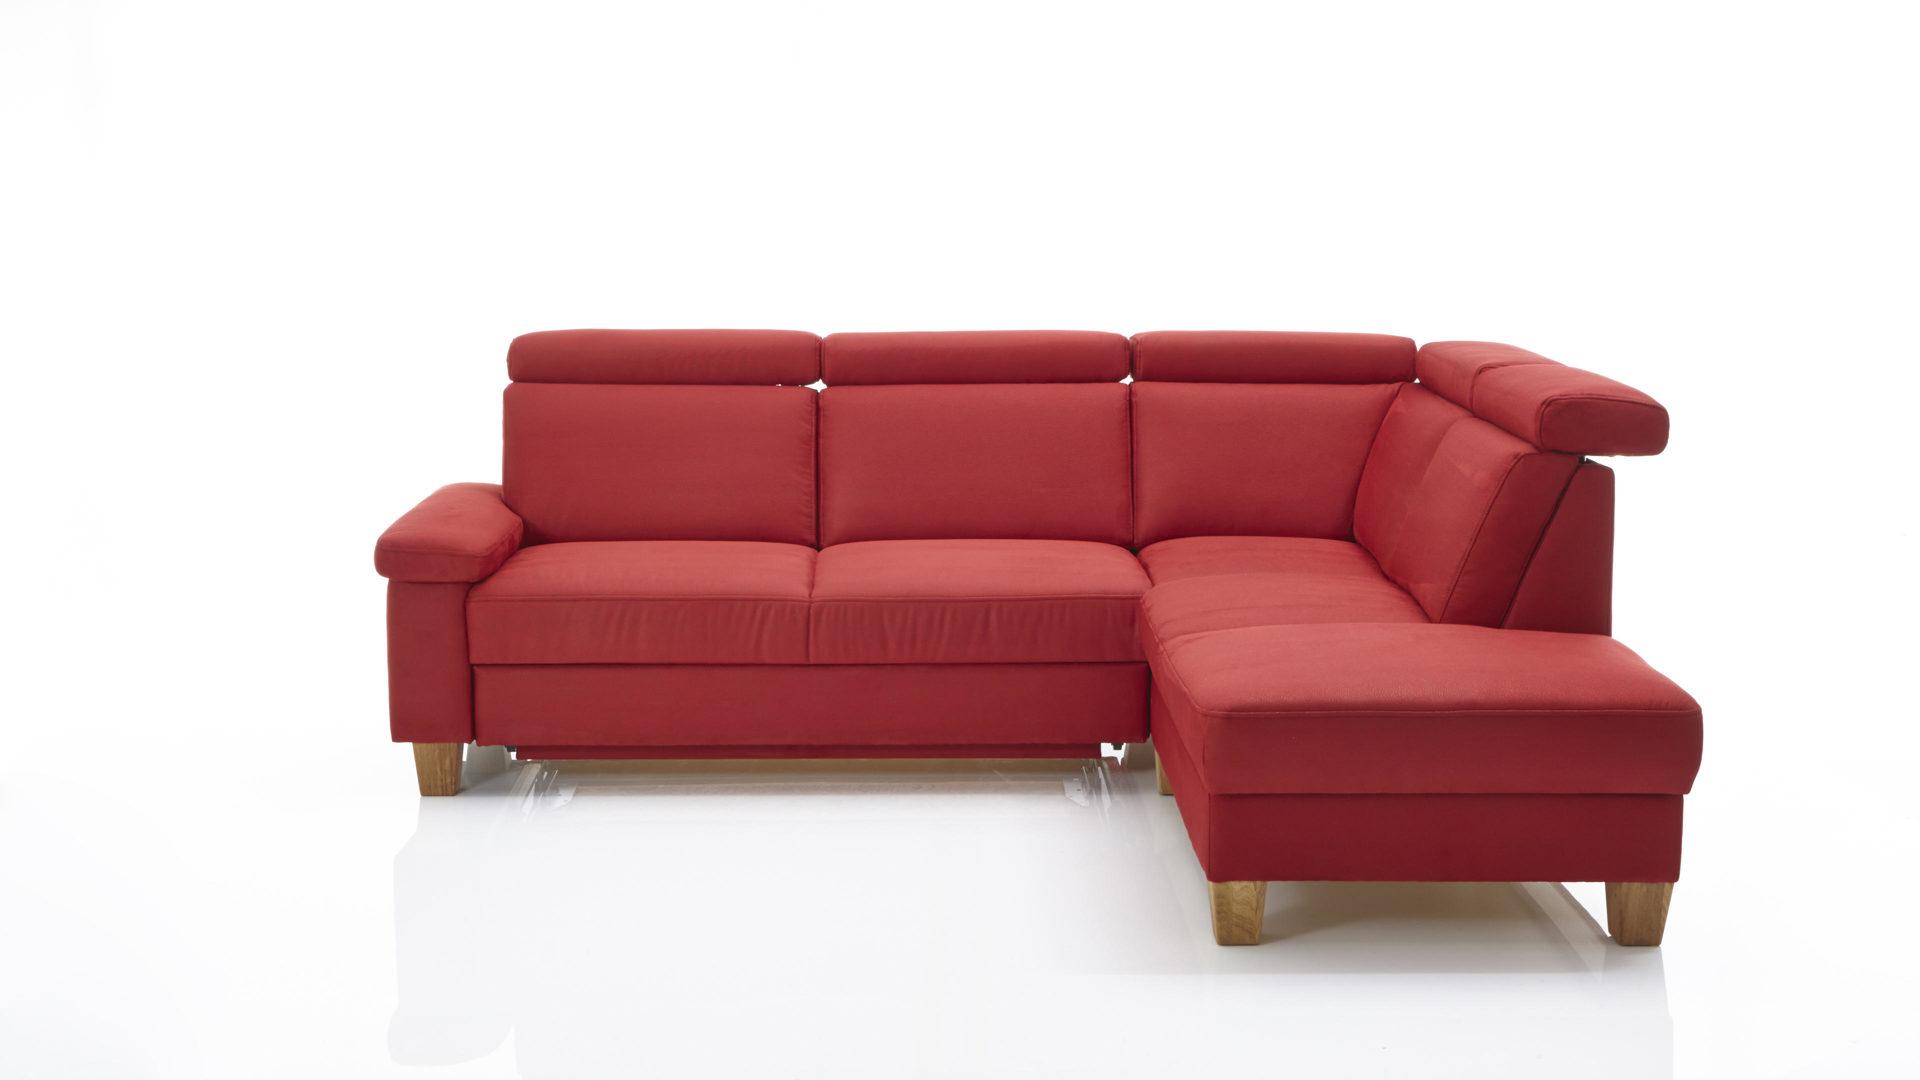 Möbel Bohn Crailsheim, Räume, Wohnzimmer, Sofas + Couches